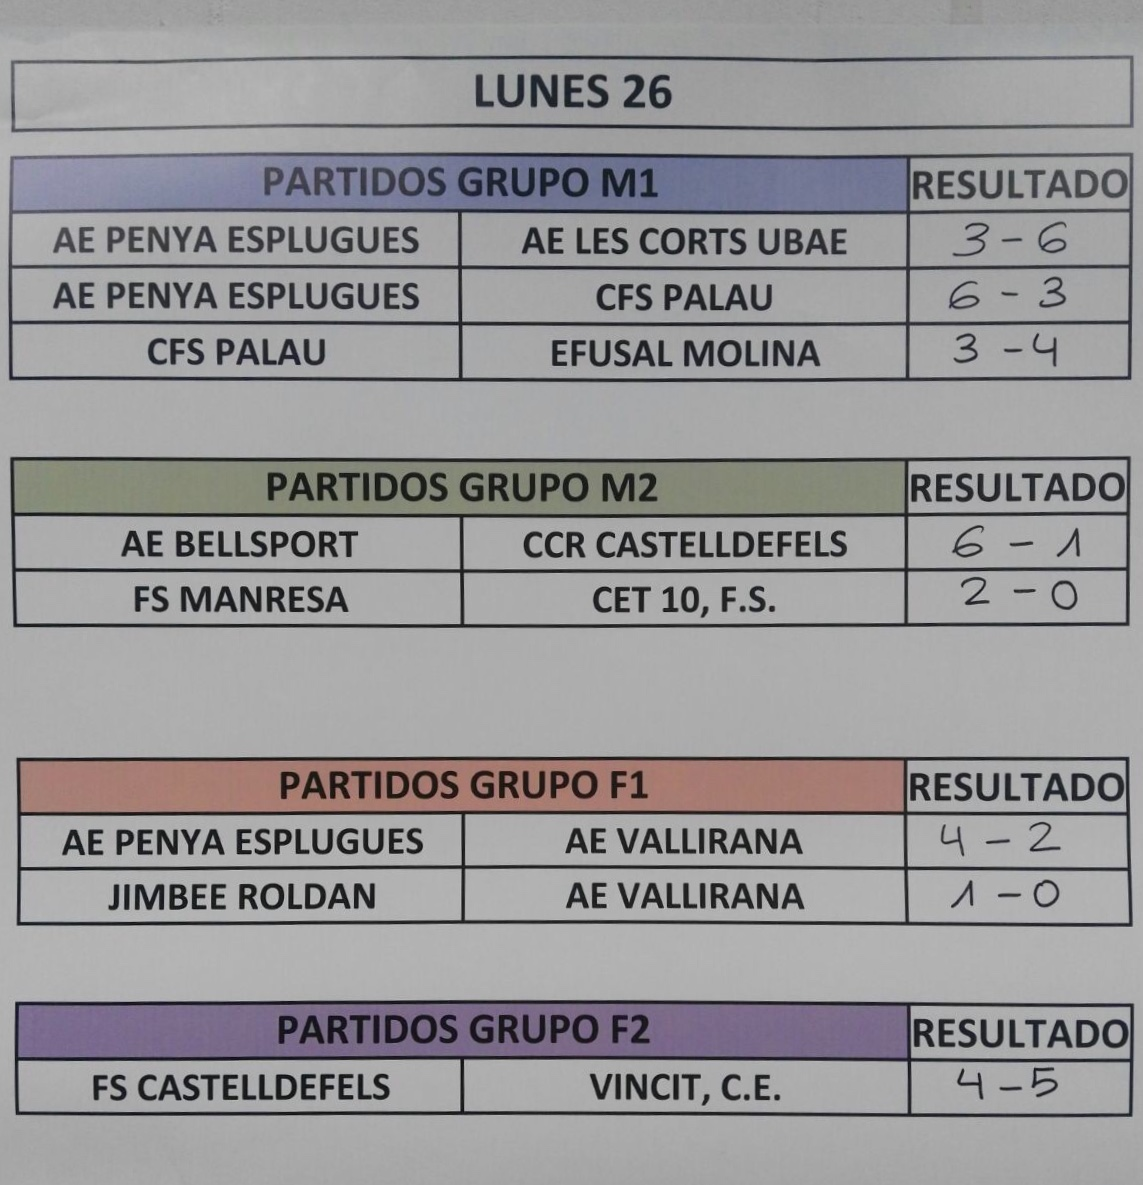 IV Torneo Cadete – RESULTADOS DE LA PRIMERA JORNADA